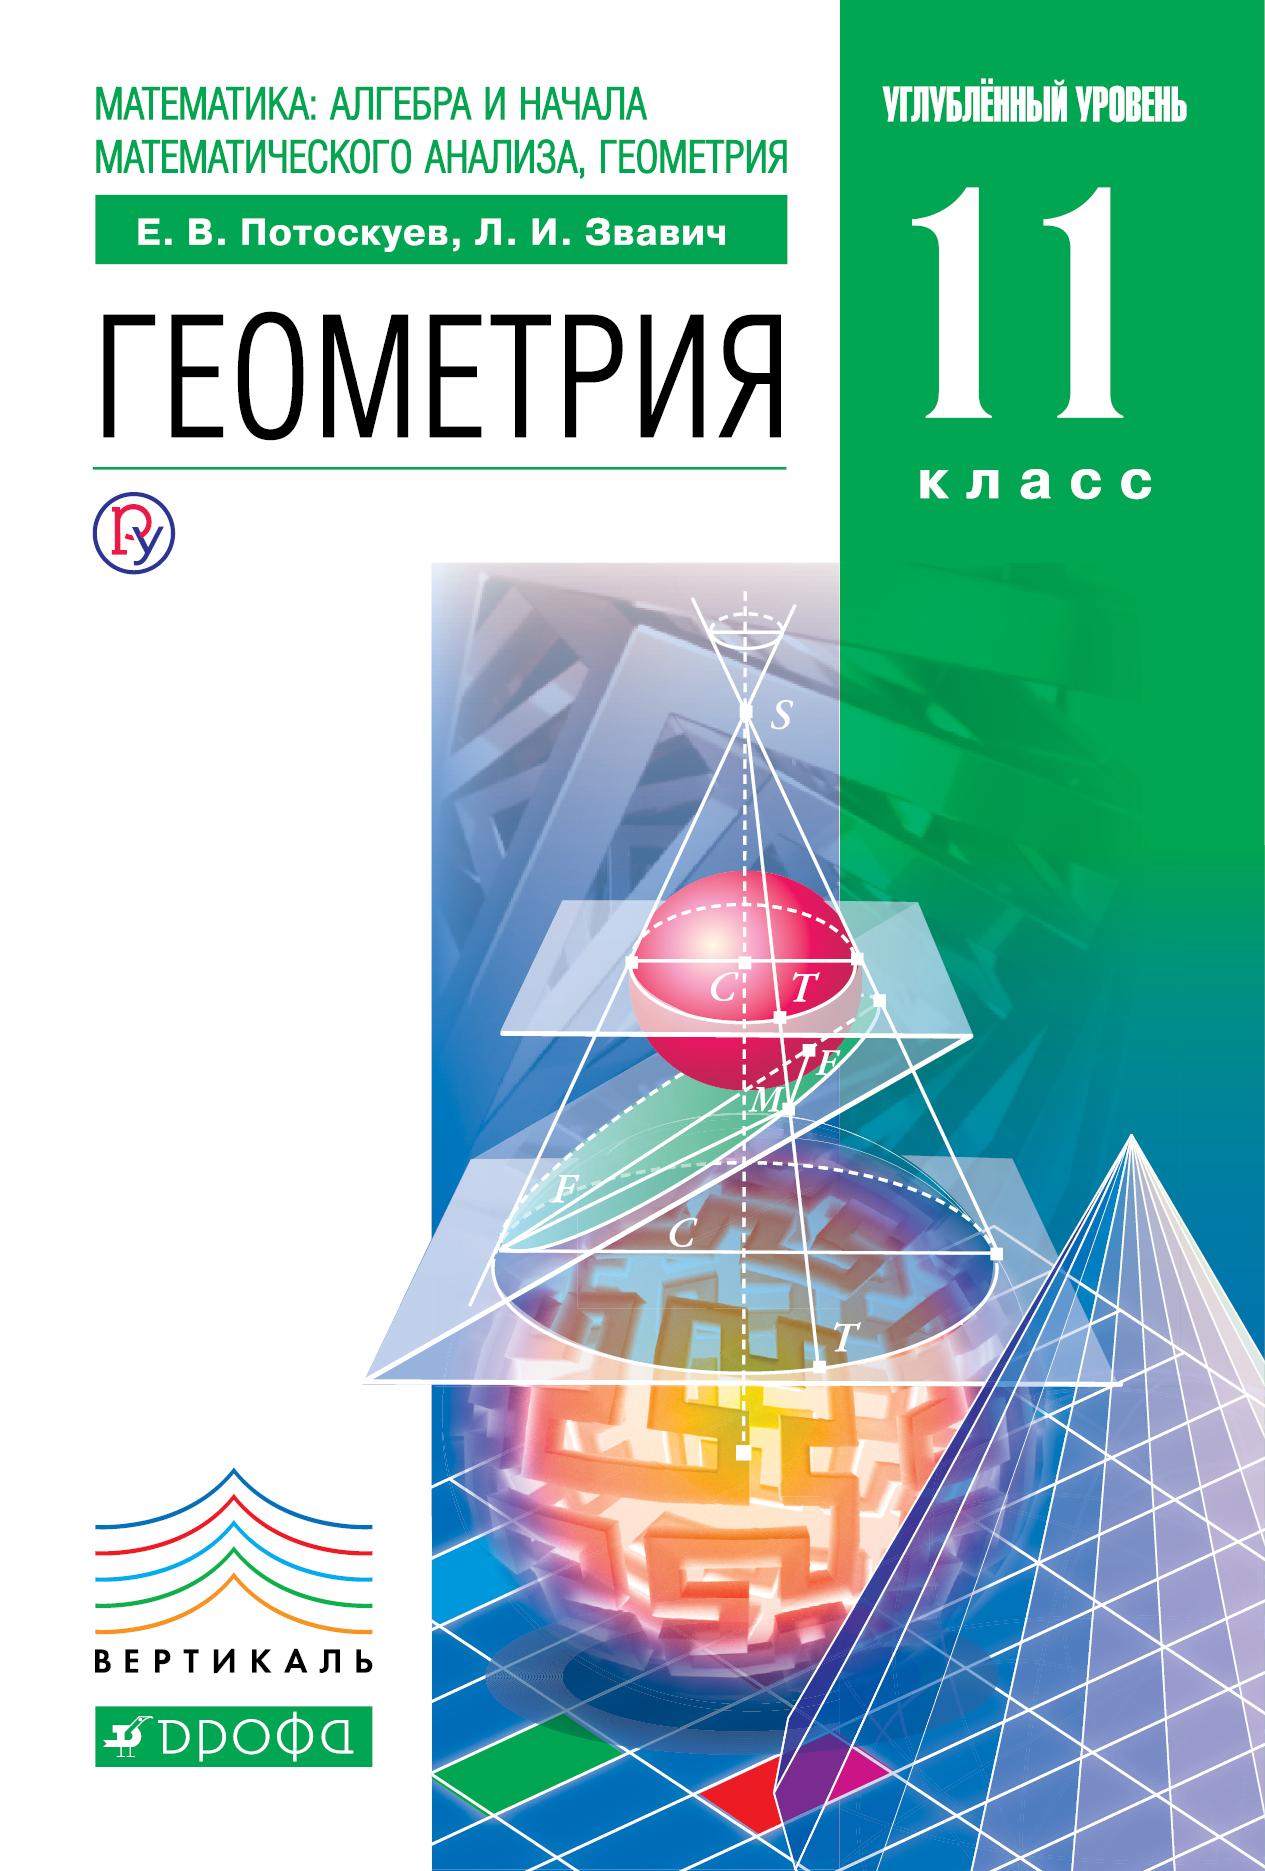 Потоскуев Е.В., Звавич Л.И. Математика:алгебра и начала математического анализа, геометрия. Геометрия. Углубленный уровень. 11 класс. Учебник. Задачник